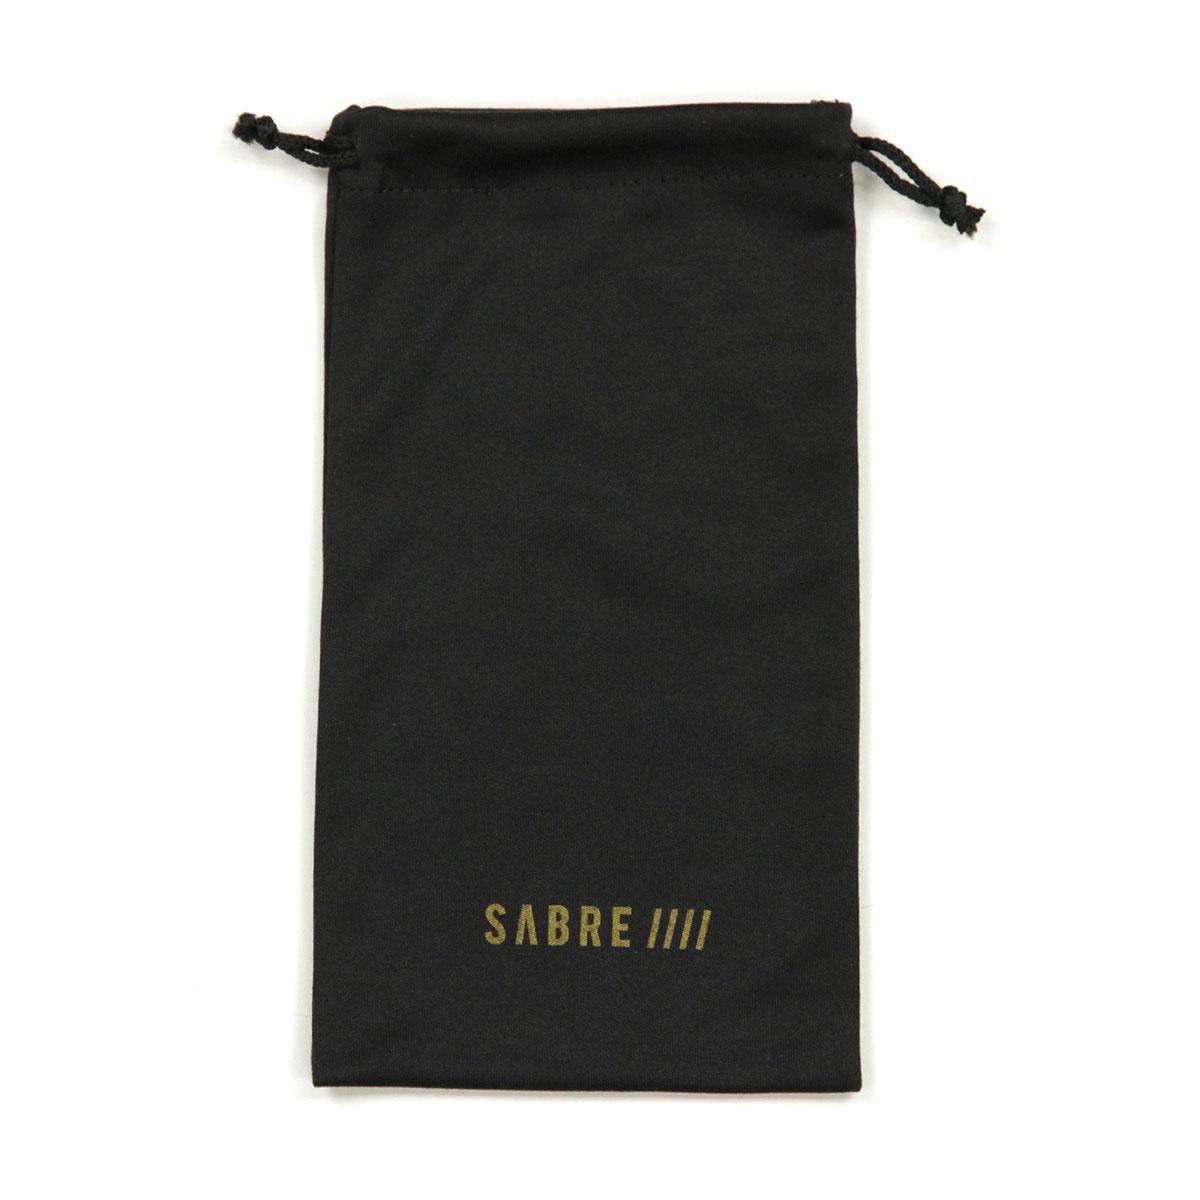 セイバー SABRE 正規販売店 サングラス めがね BELAIR TORTOISE FRAME BRONZE LENS SUNGLASS SS7-501T-BR-J A55B B3C C3D D1E E04F